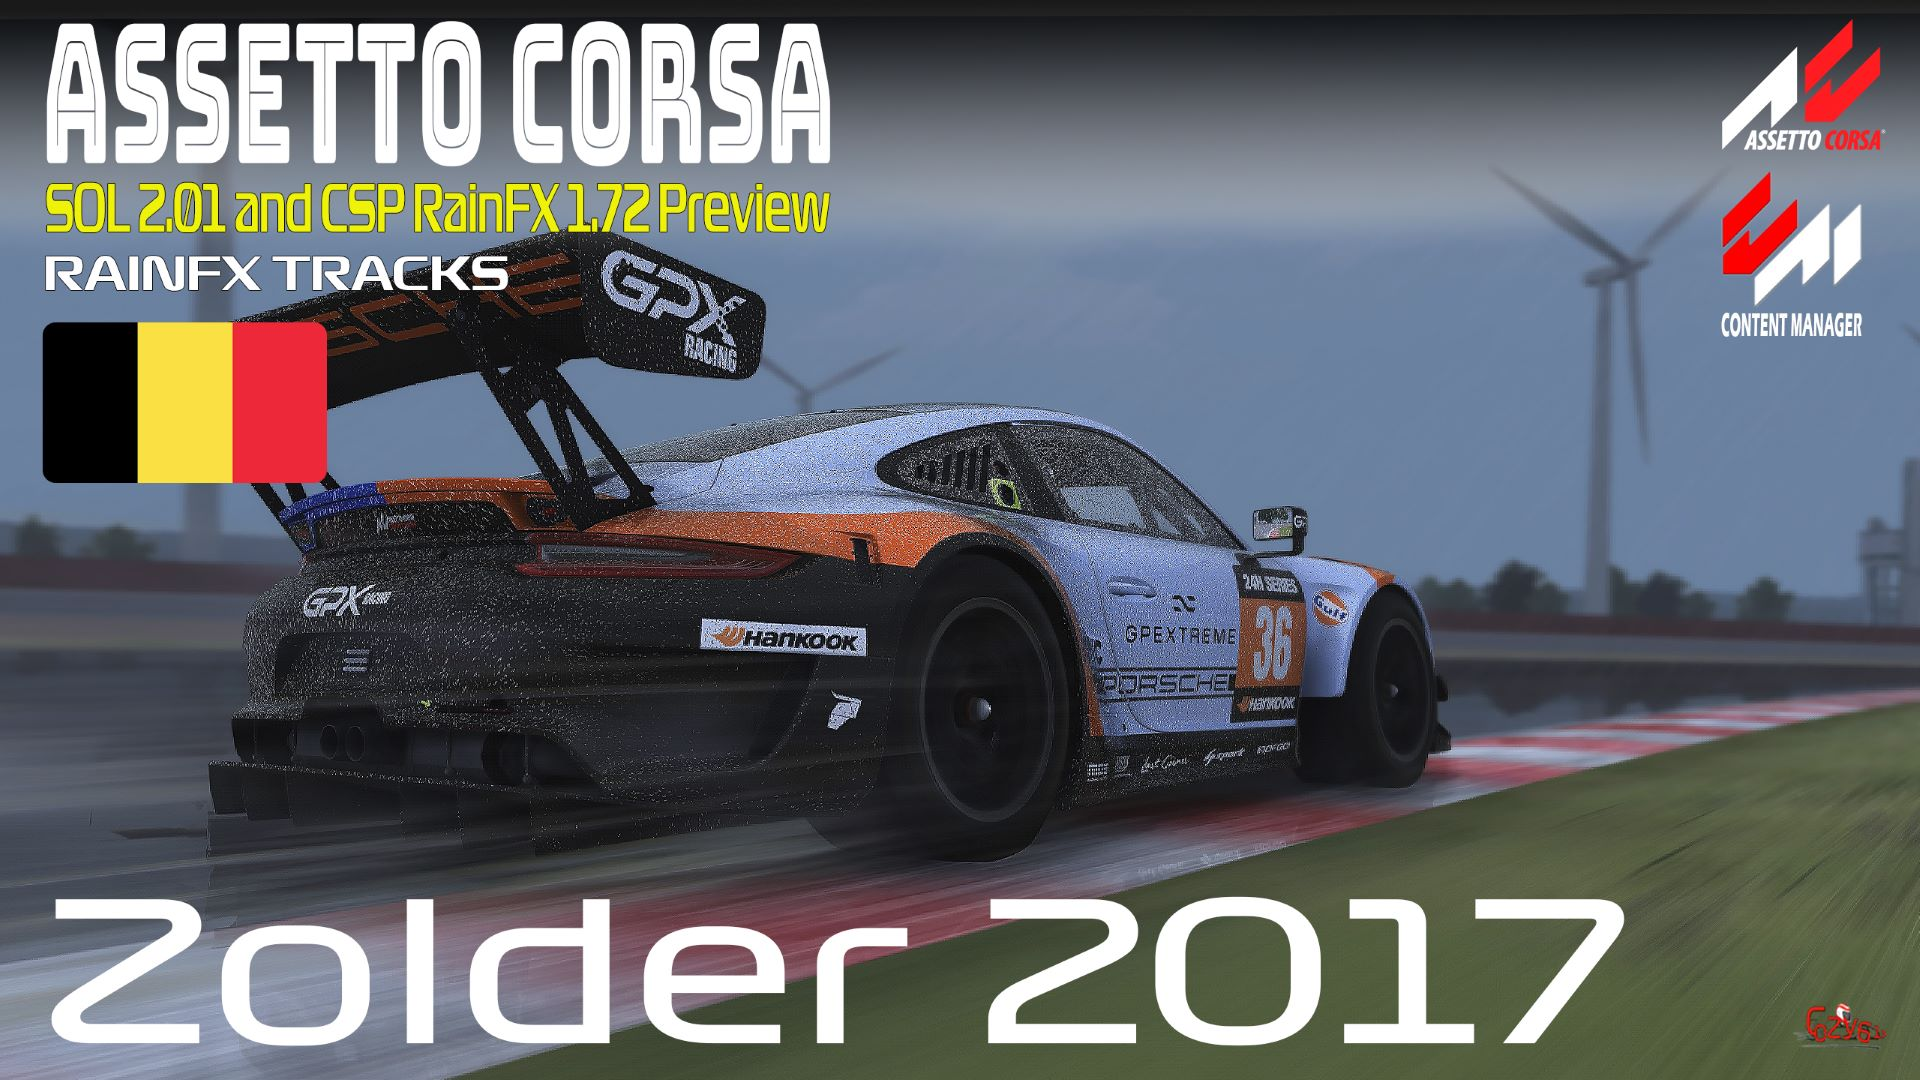 zolder2017_rainfx track bg (Large).jpg